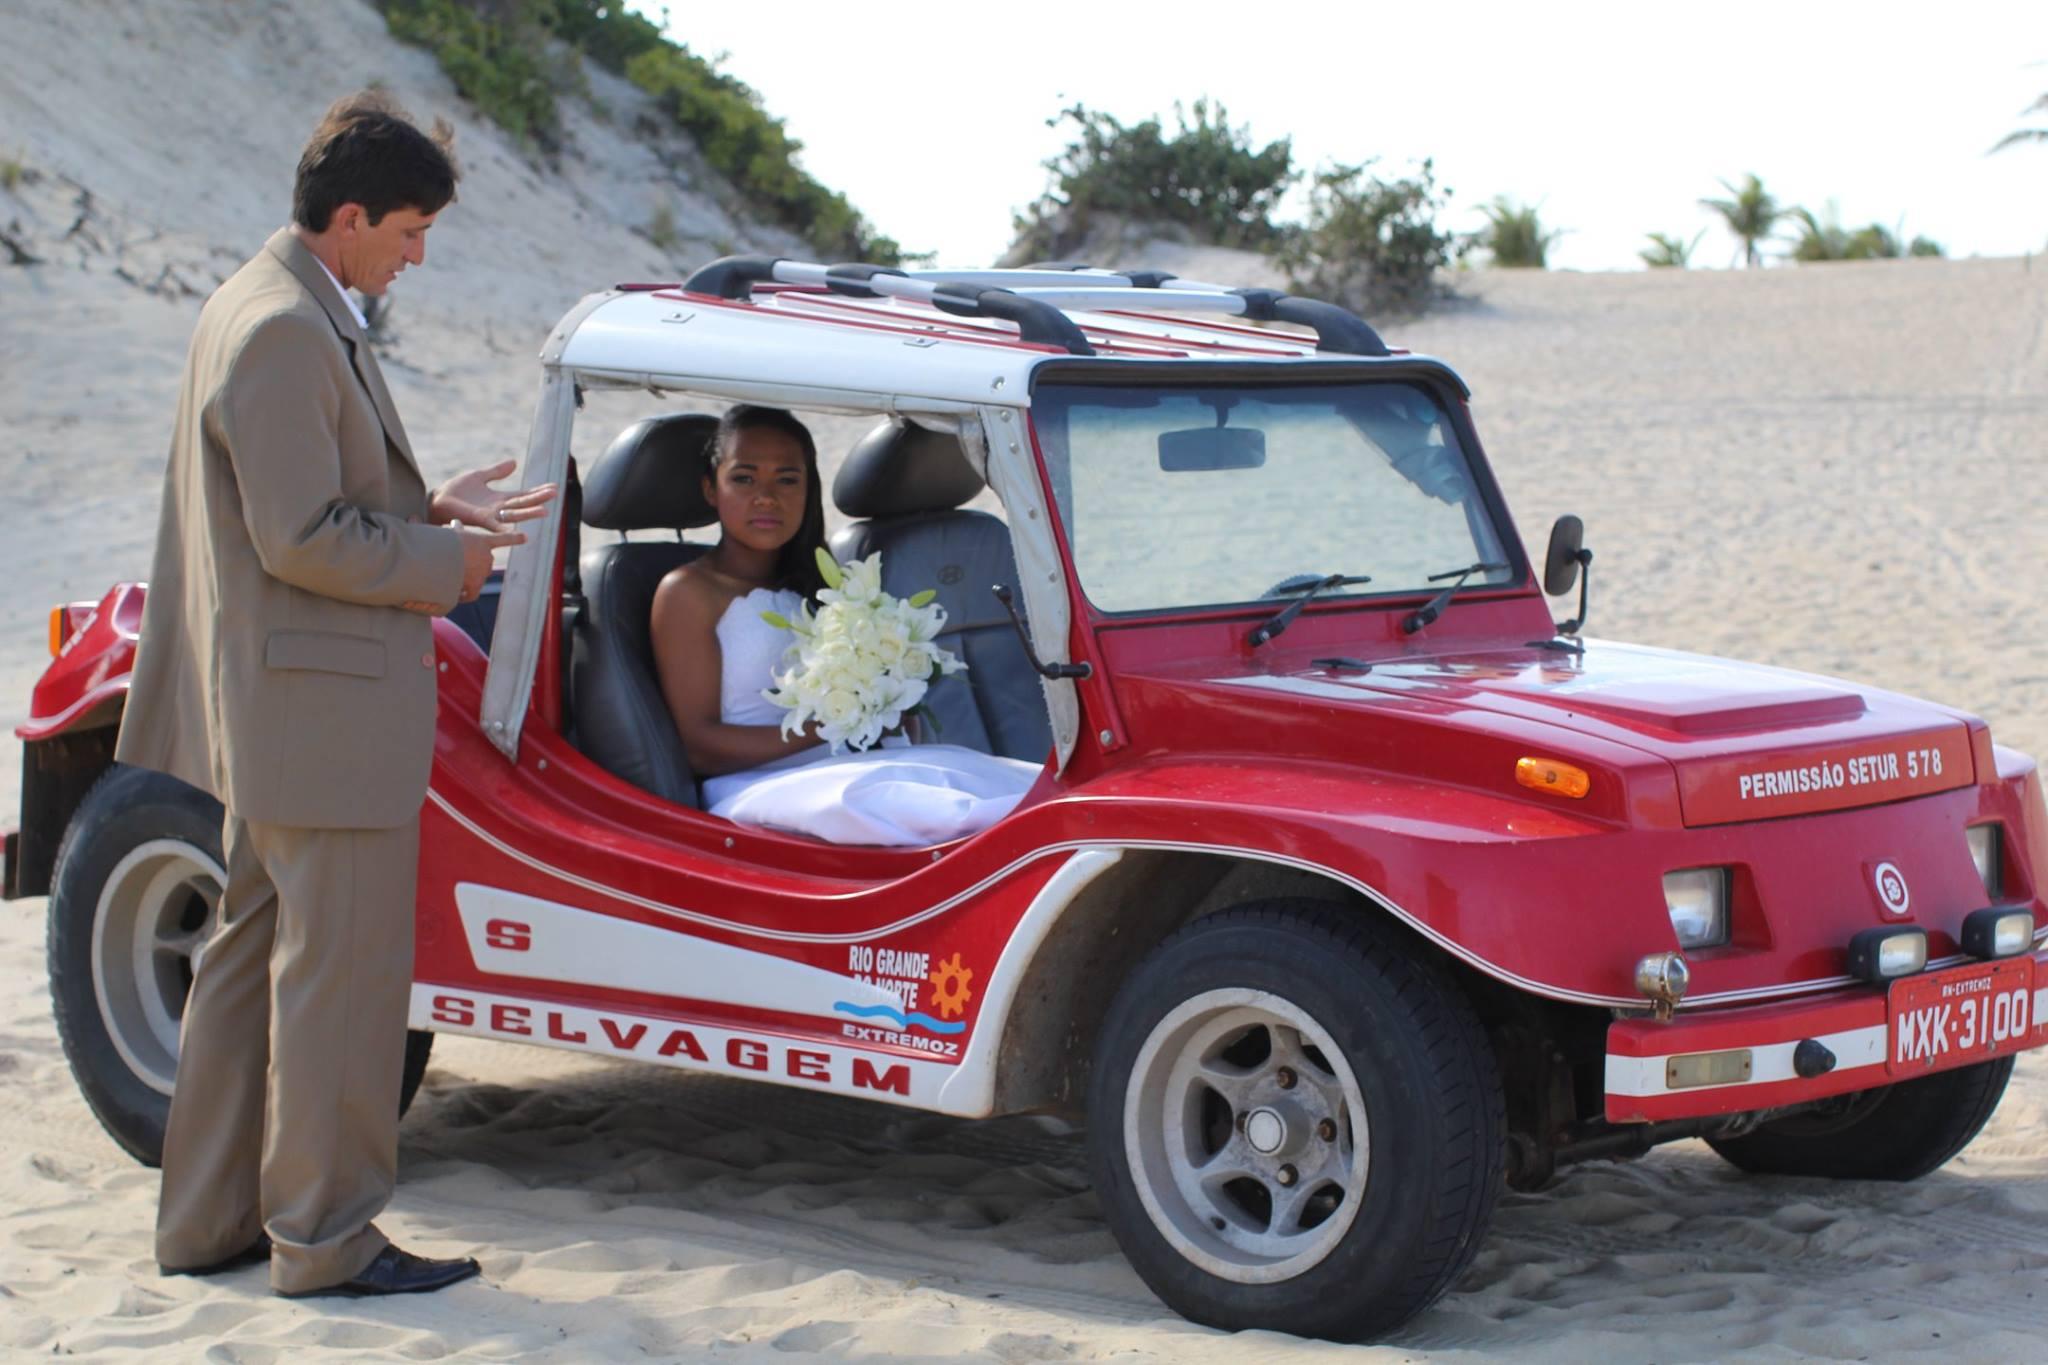 Noiva chega ao casamento de buggy